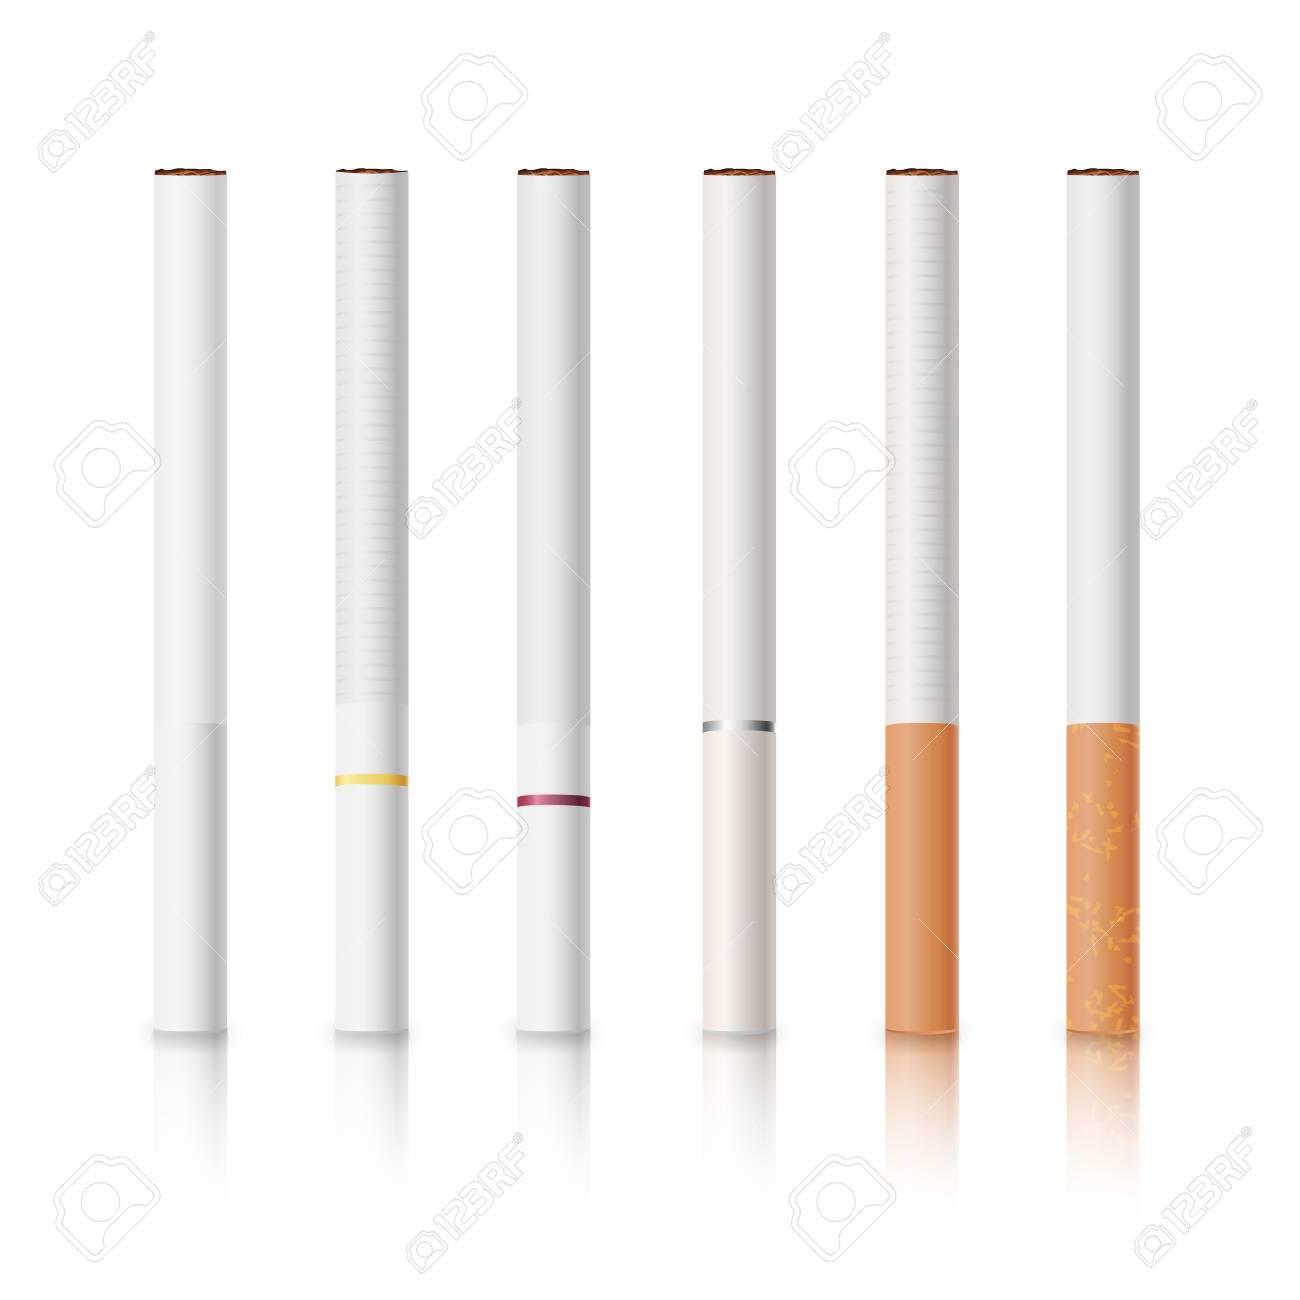 Filter zigaretten weißer Zigaretten mit